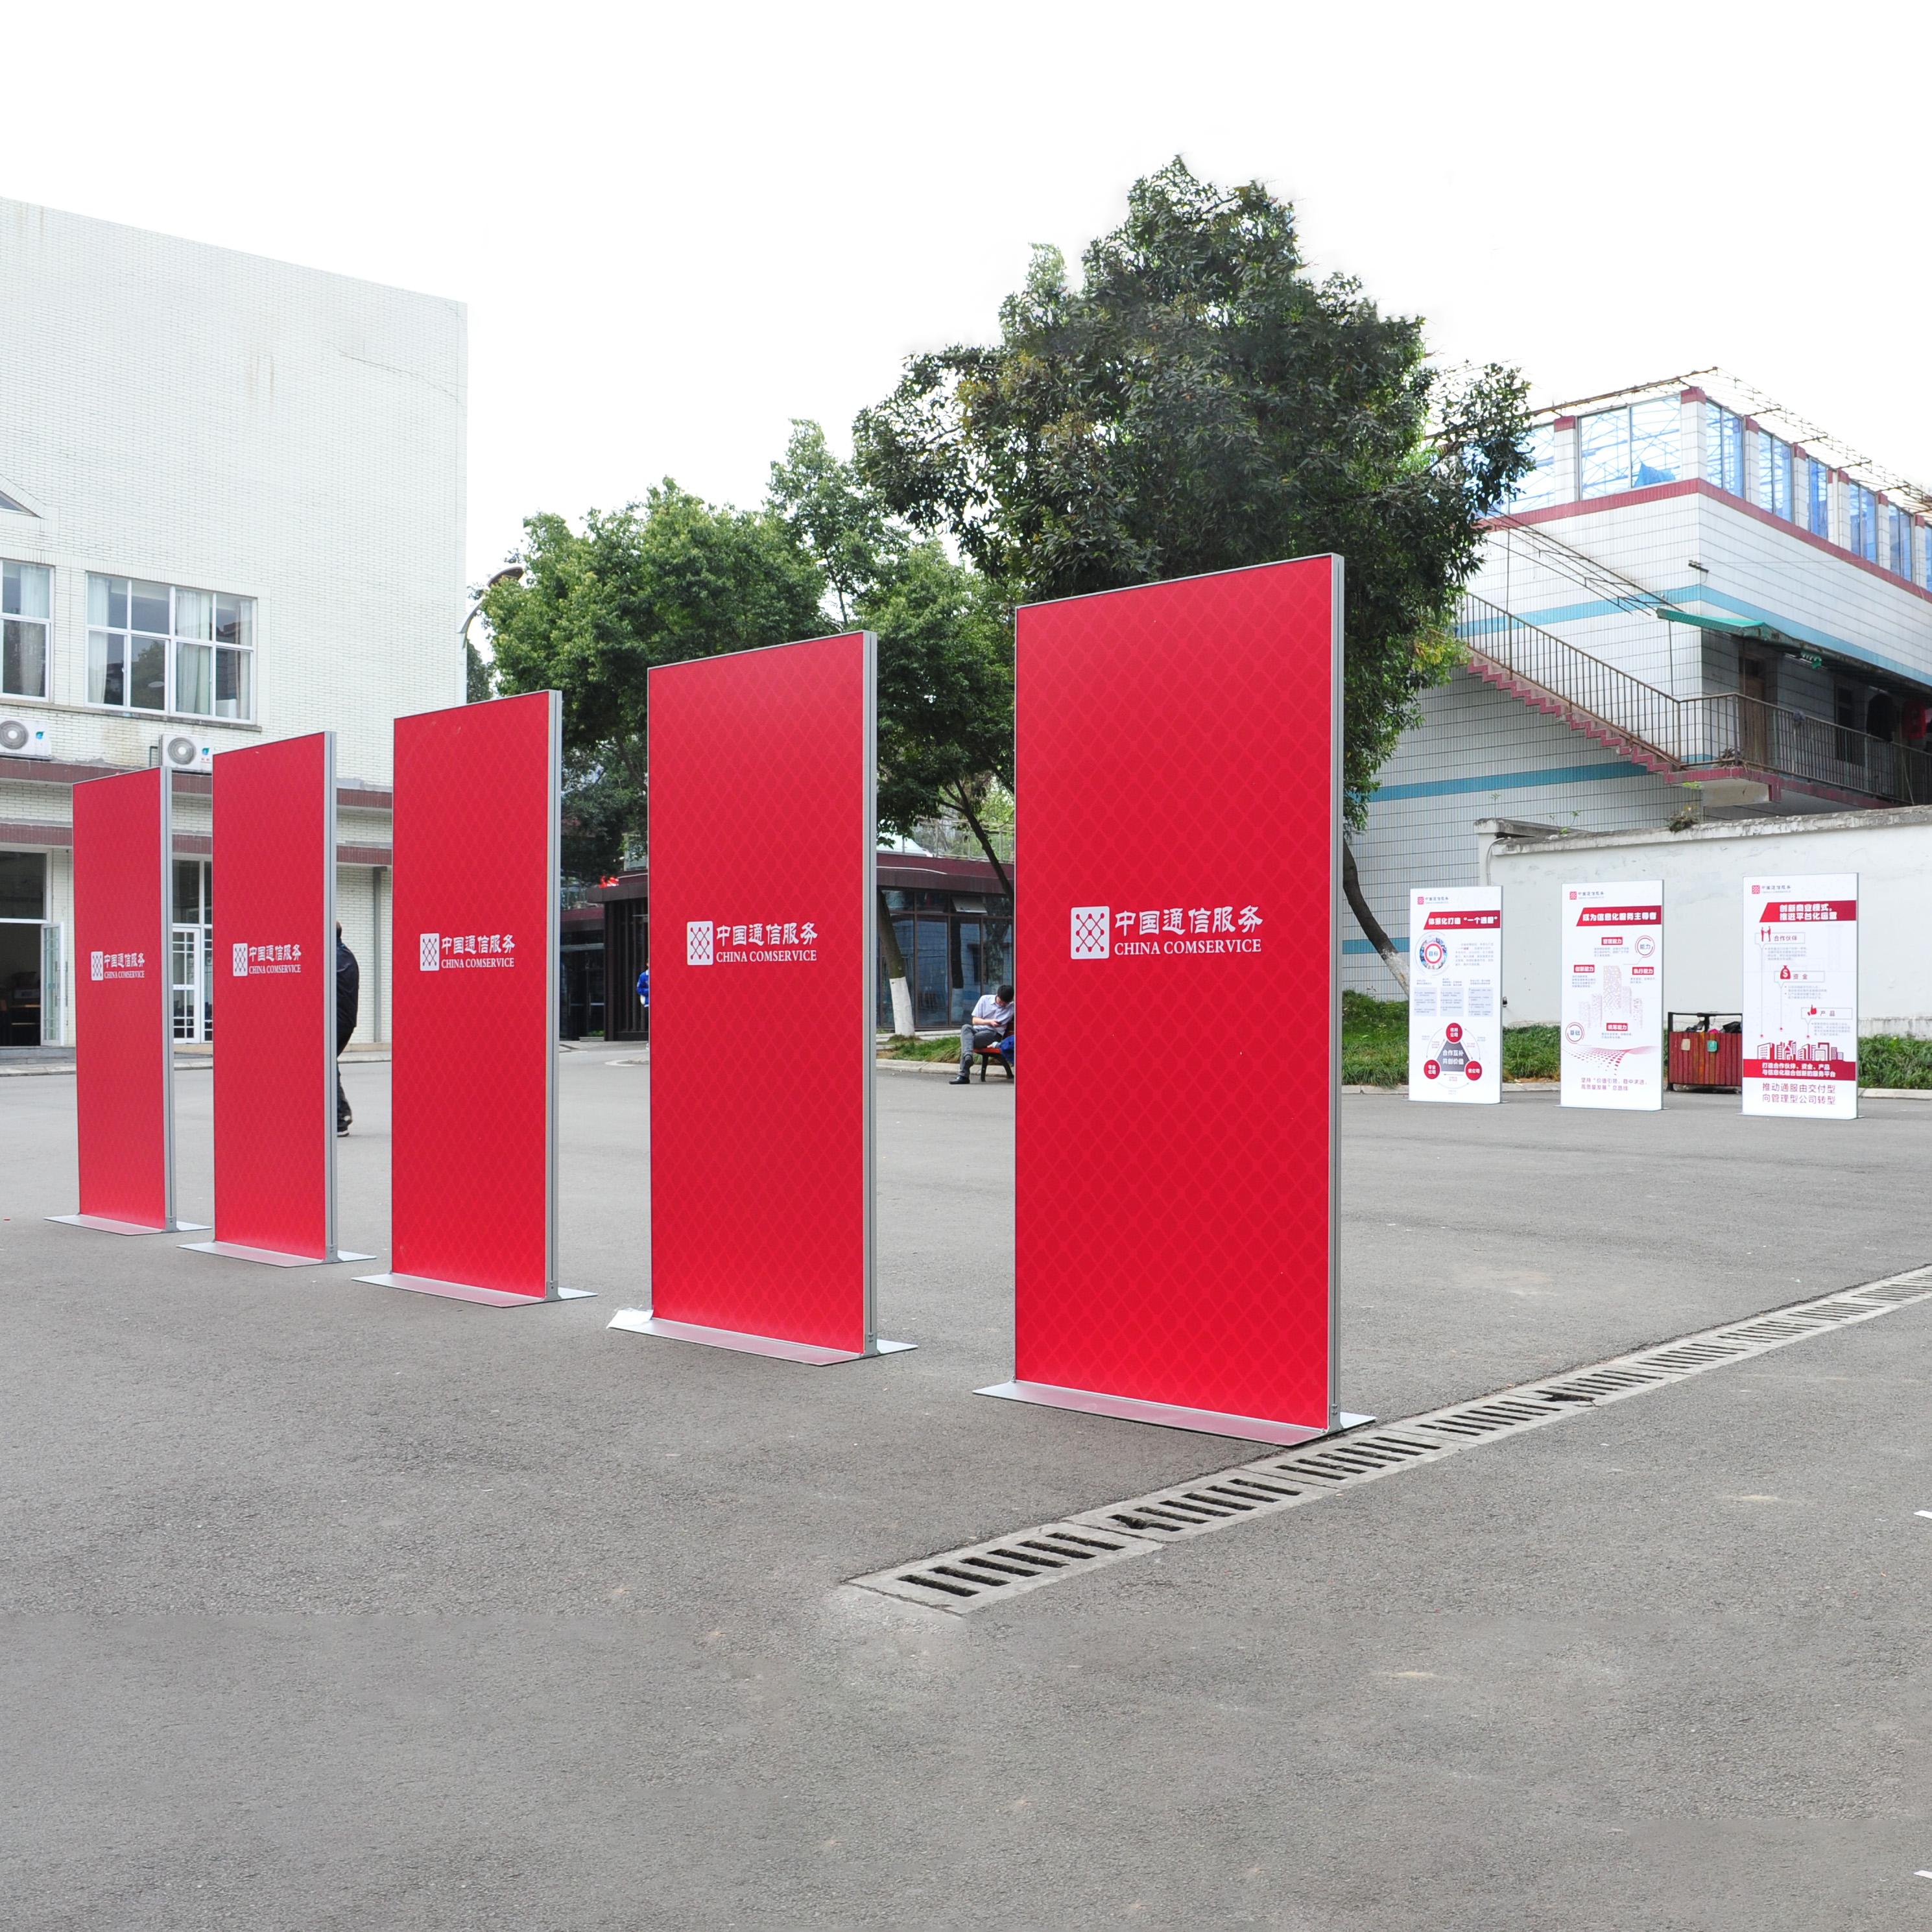 丽屏展示架门型展架KT板架铝合金广告展示架立牌 快展展架海报架